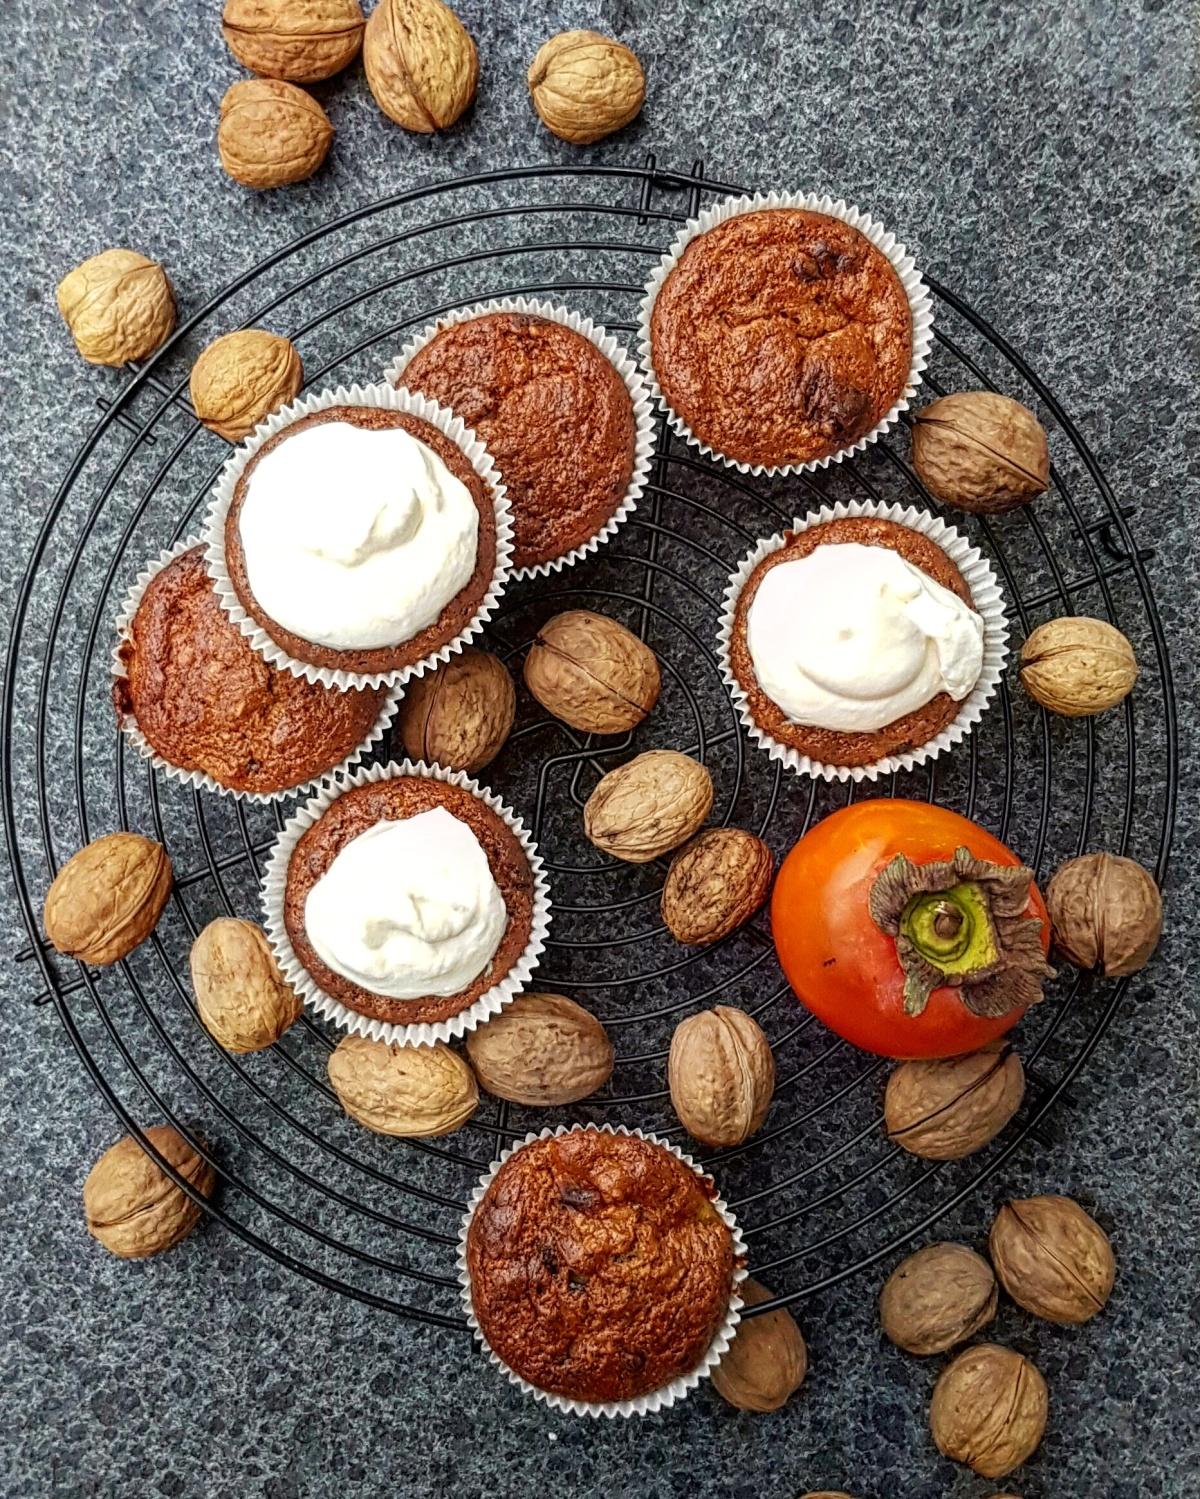 Muffins mit Kaki, Schokolade, Zimt und Walnüssen